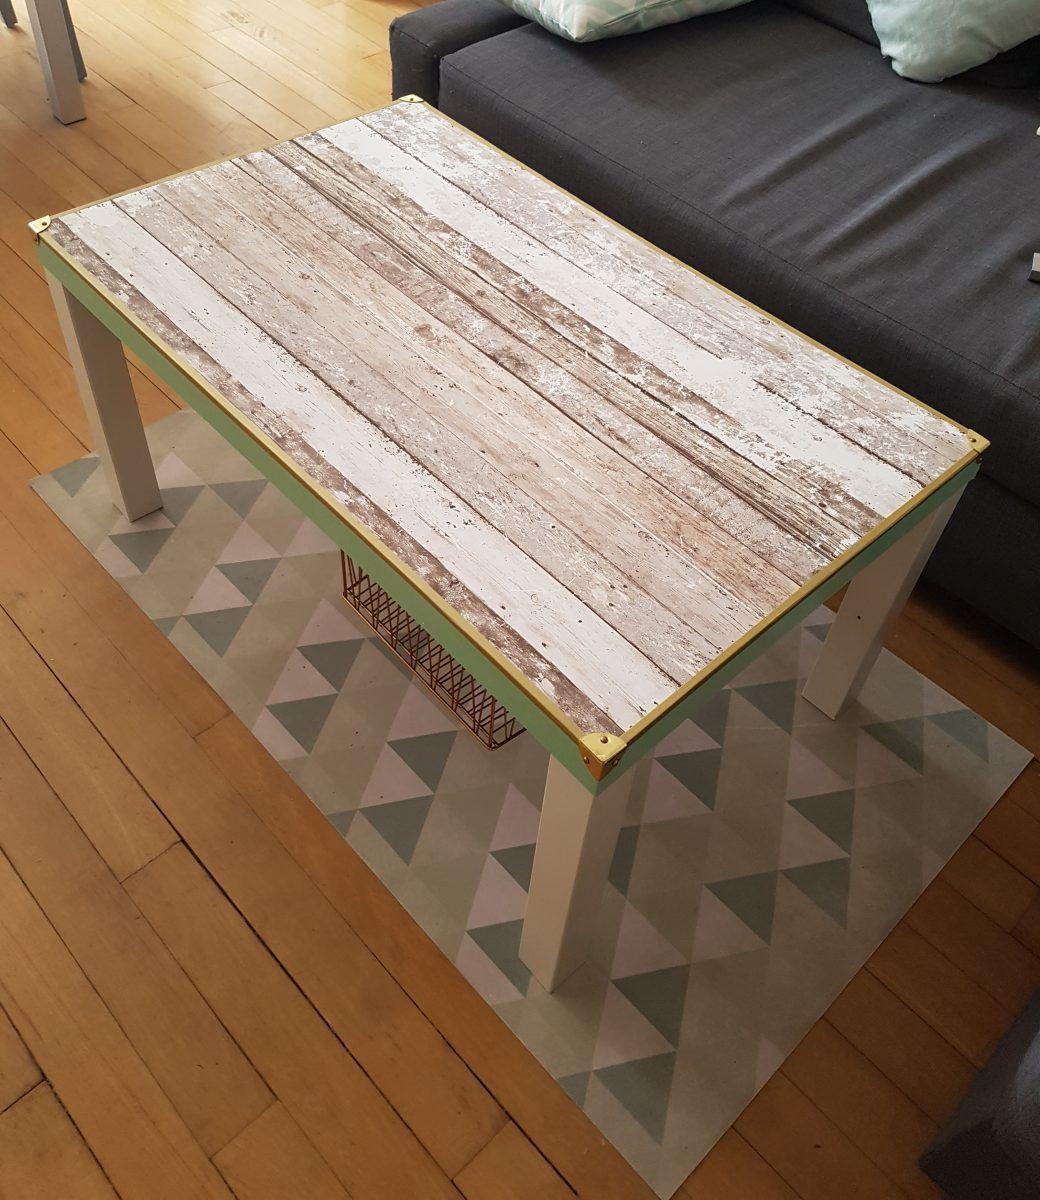 une table basse lack au look design bidouilles ikea pinterest table basse lack ikea et angles. Black Bedroom Furniture Sets. Home Design Ideas